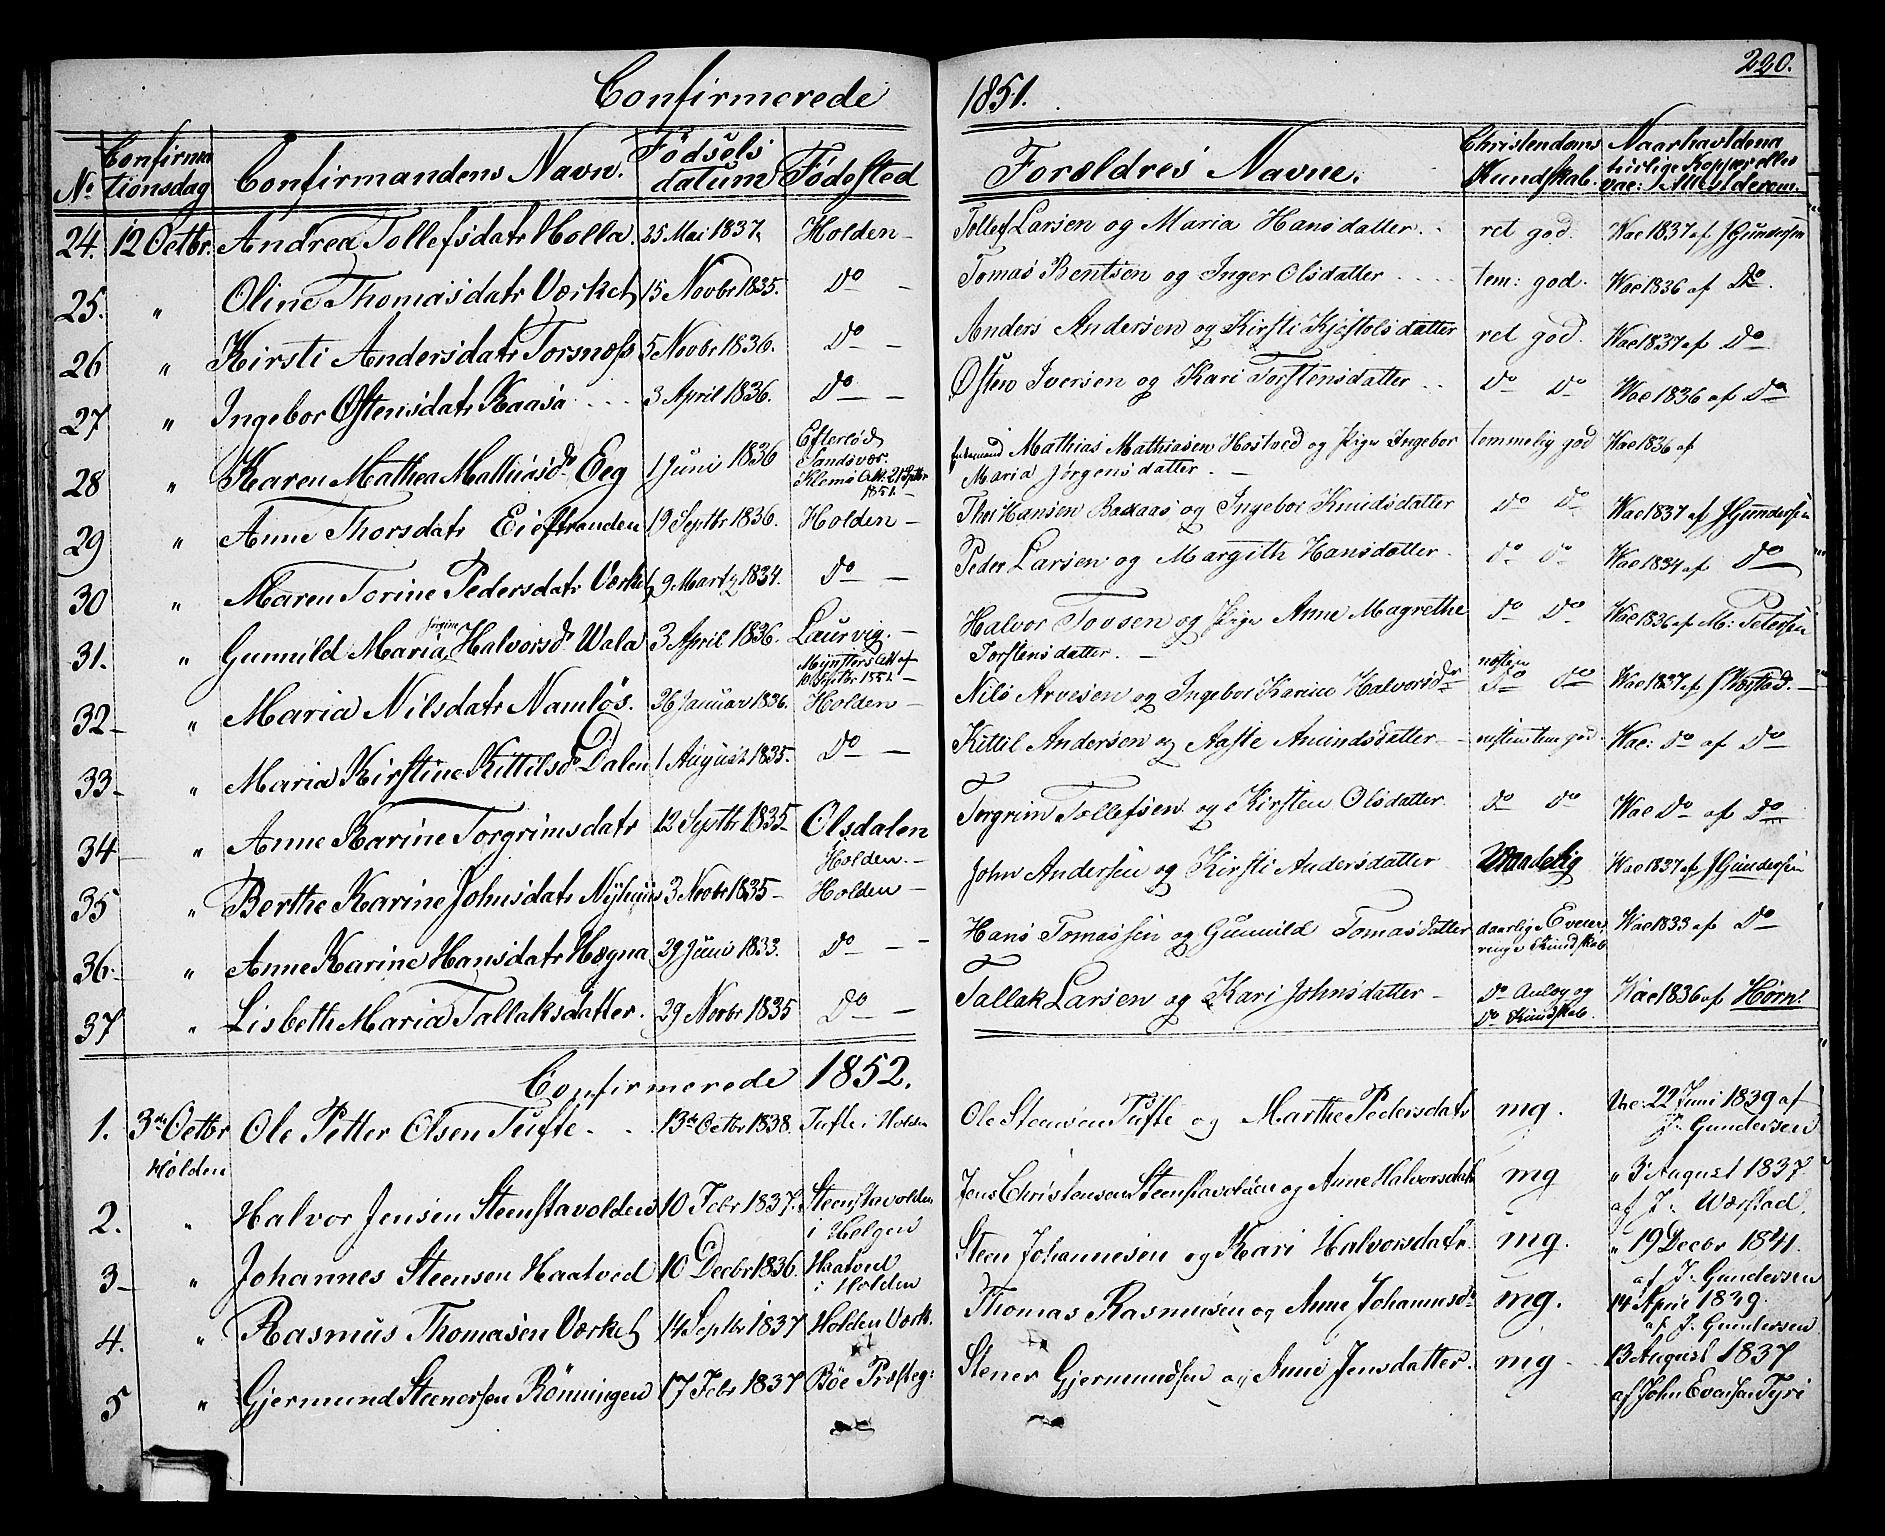 SAKO, Holla kirkebøker, G/Ga/L0003: Klokkerbok nr. I 3, 1849-1866, s. 220